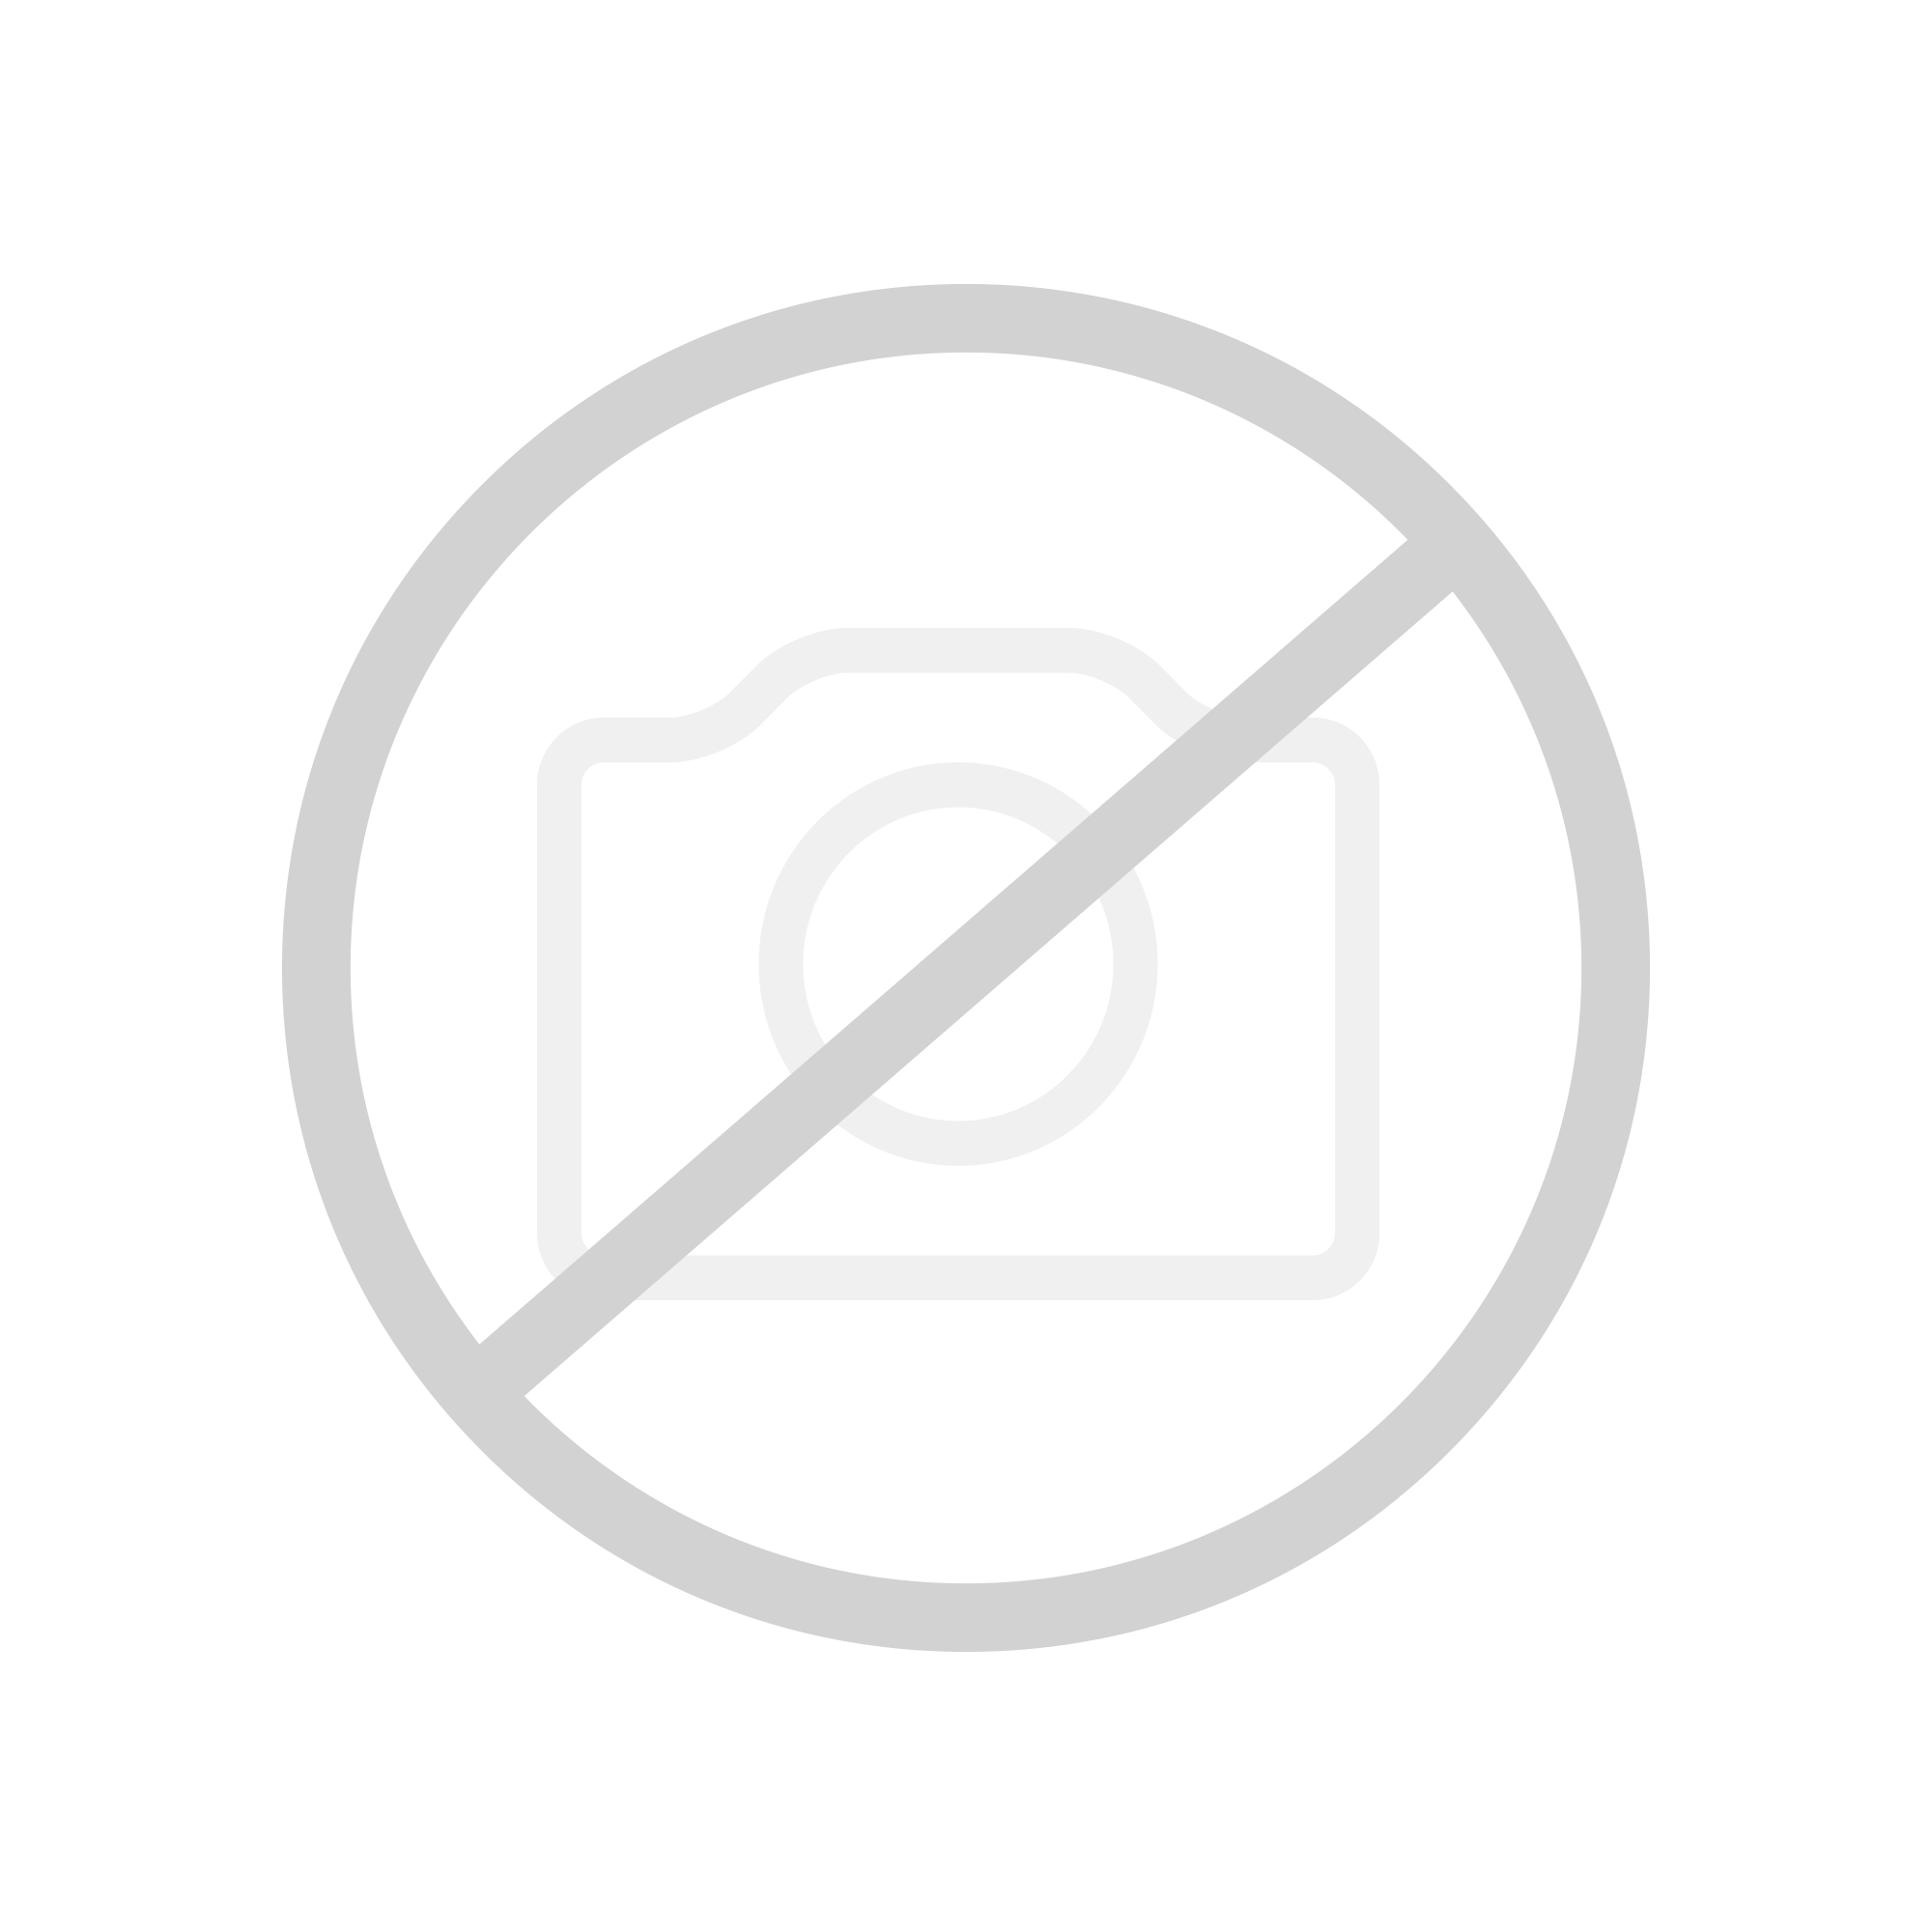 Schell Eckregulierungsventil COMFORT mit selbstdichtendem Anschlussgewinde (ASAG easy)